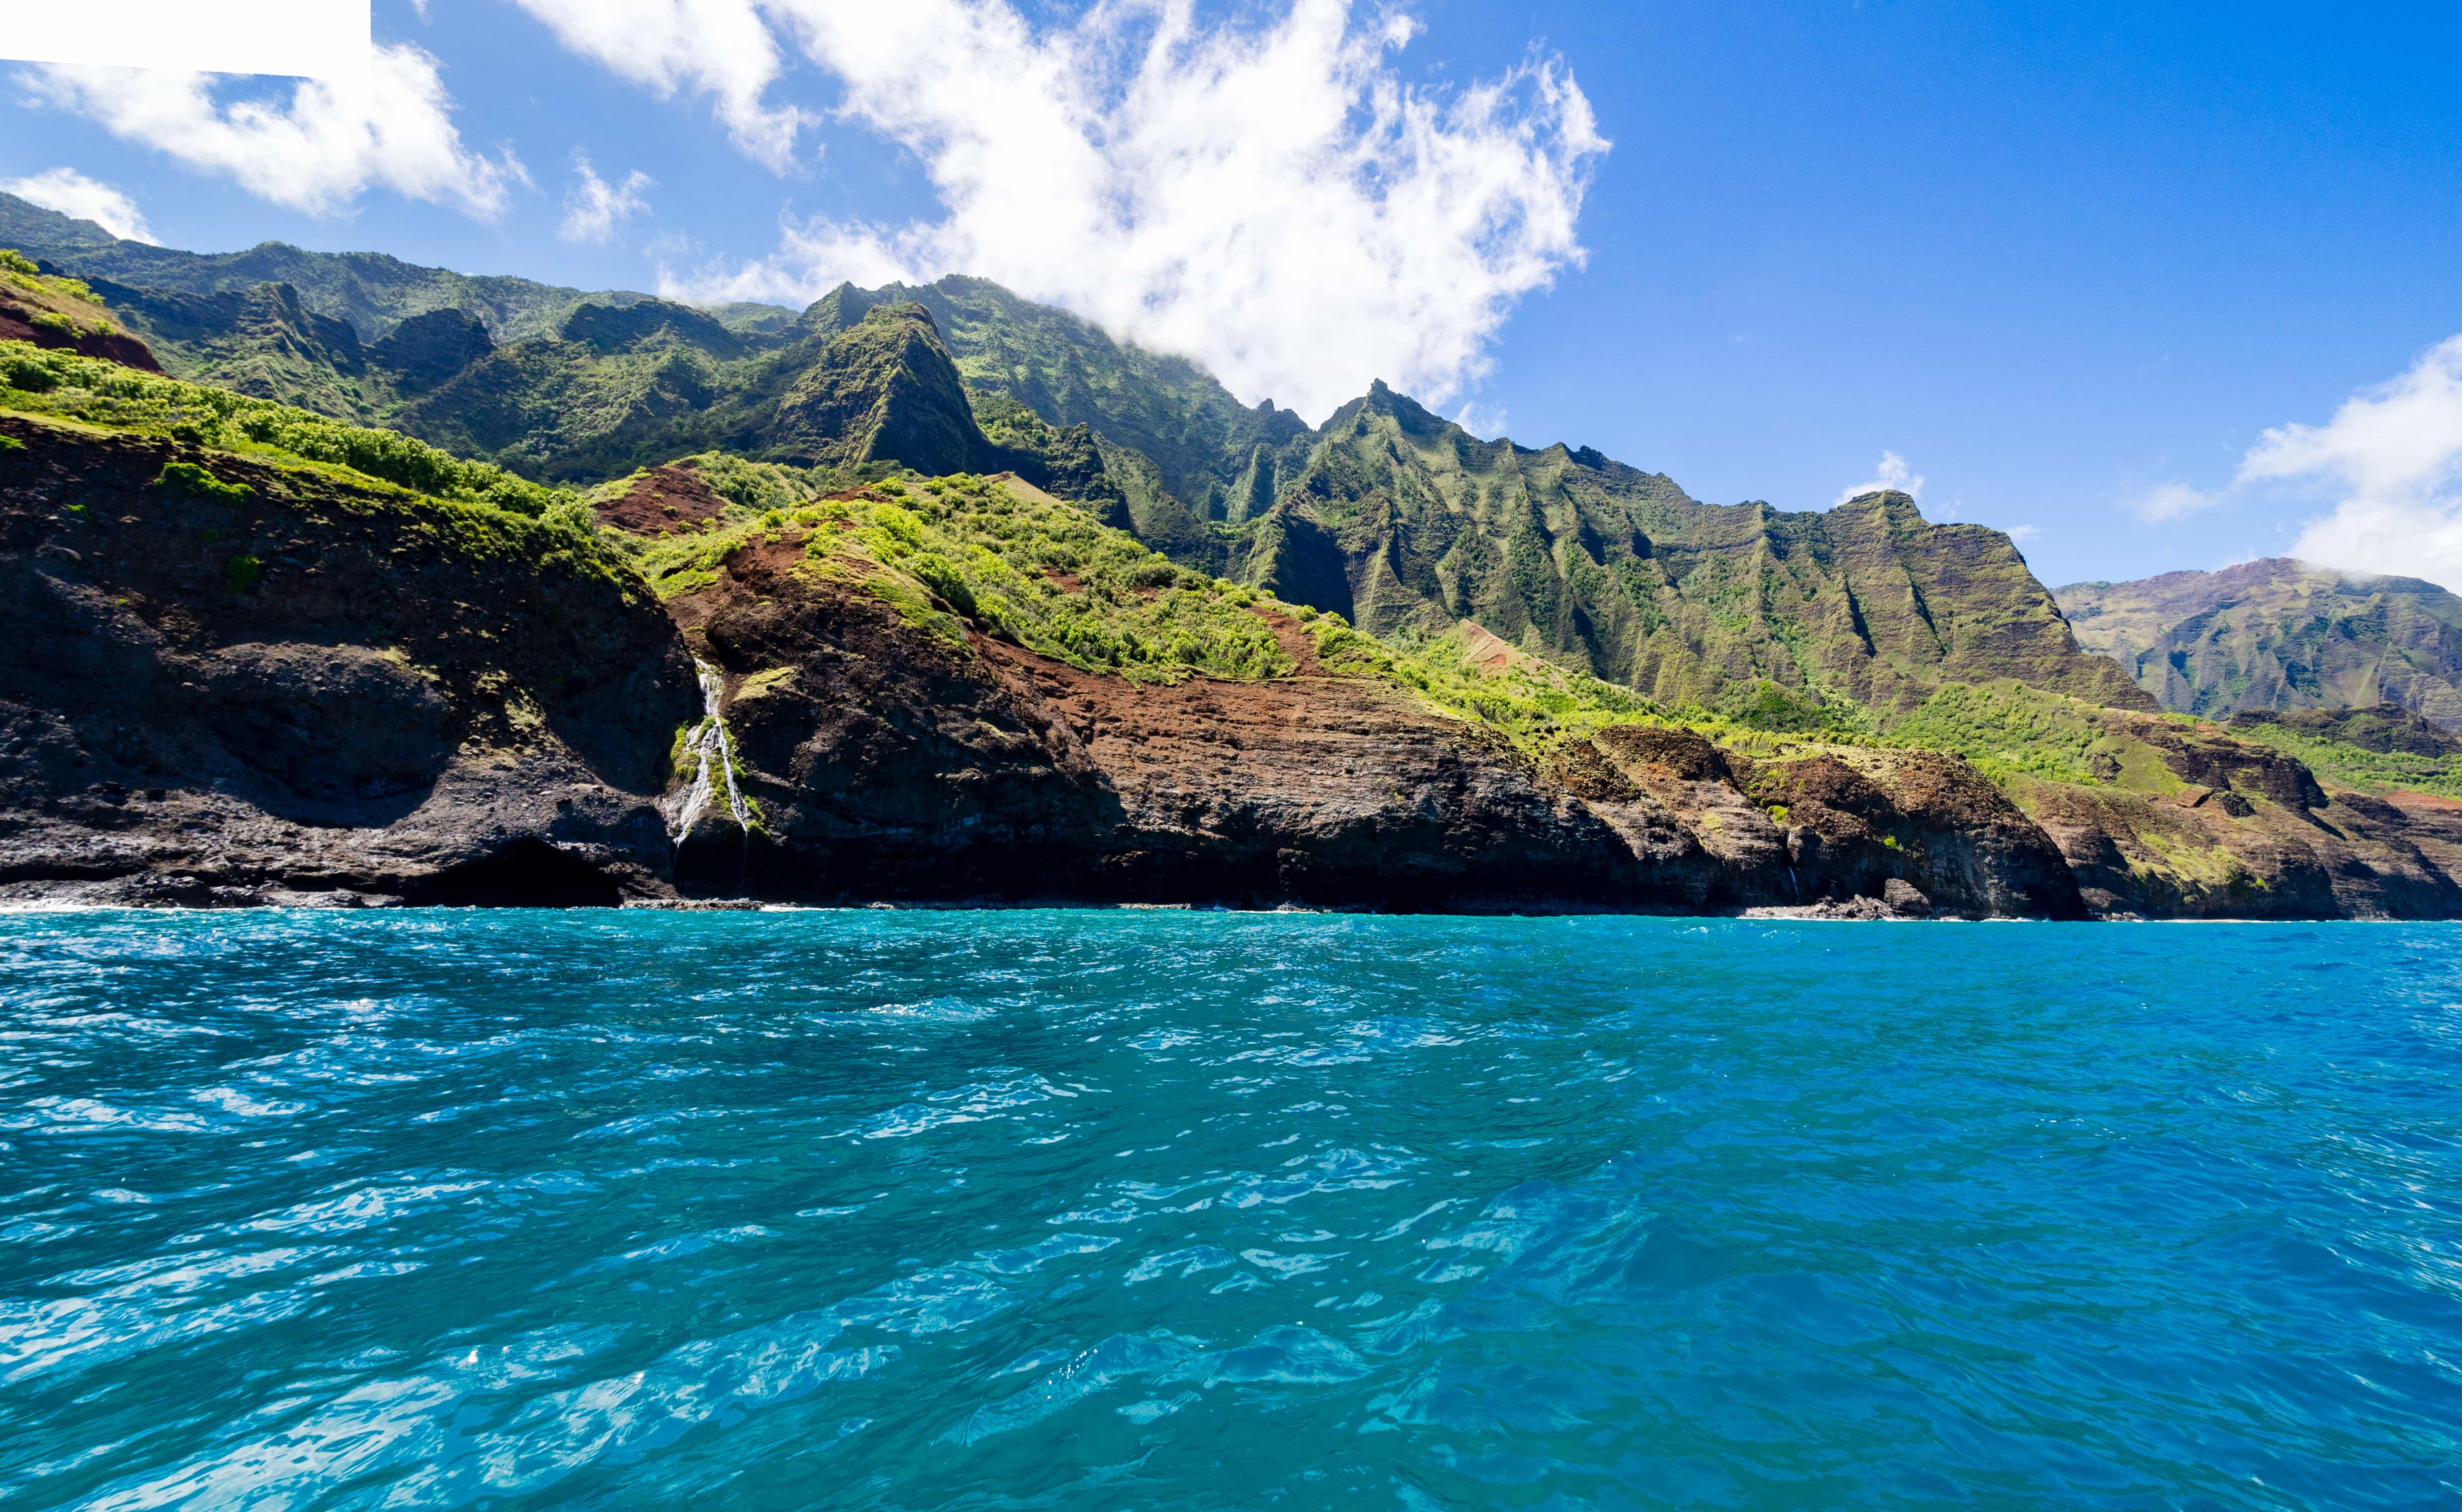 Kauai Island In Hawaii